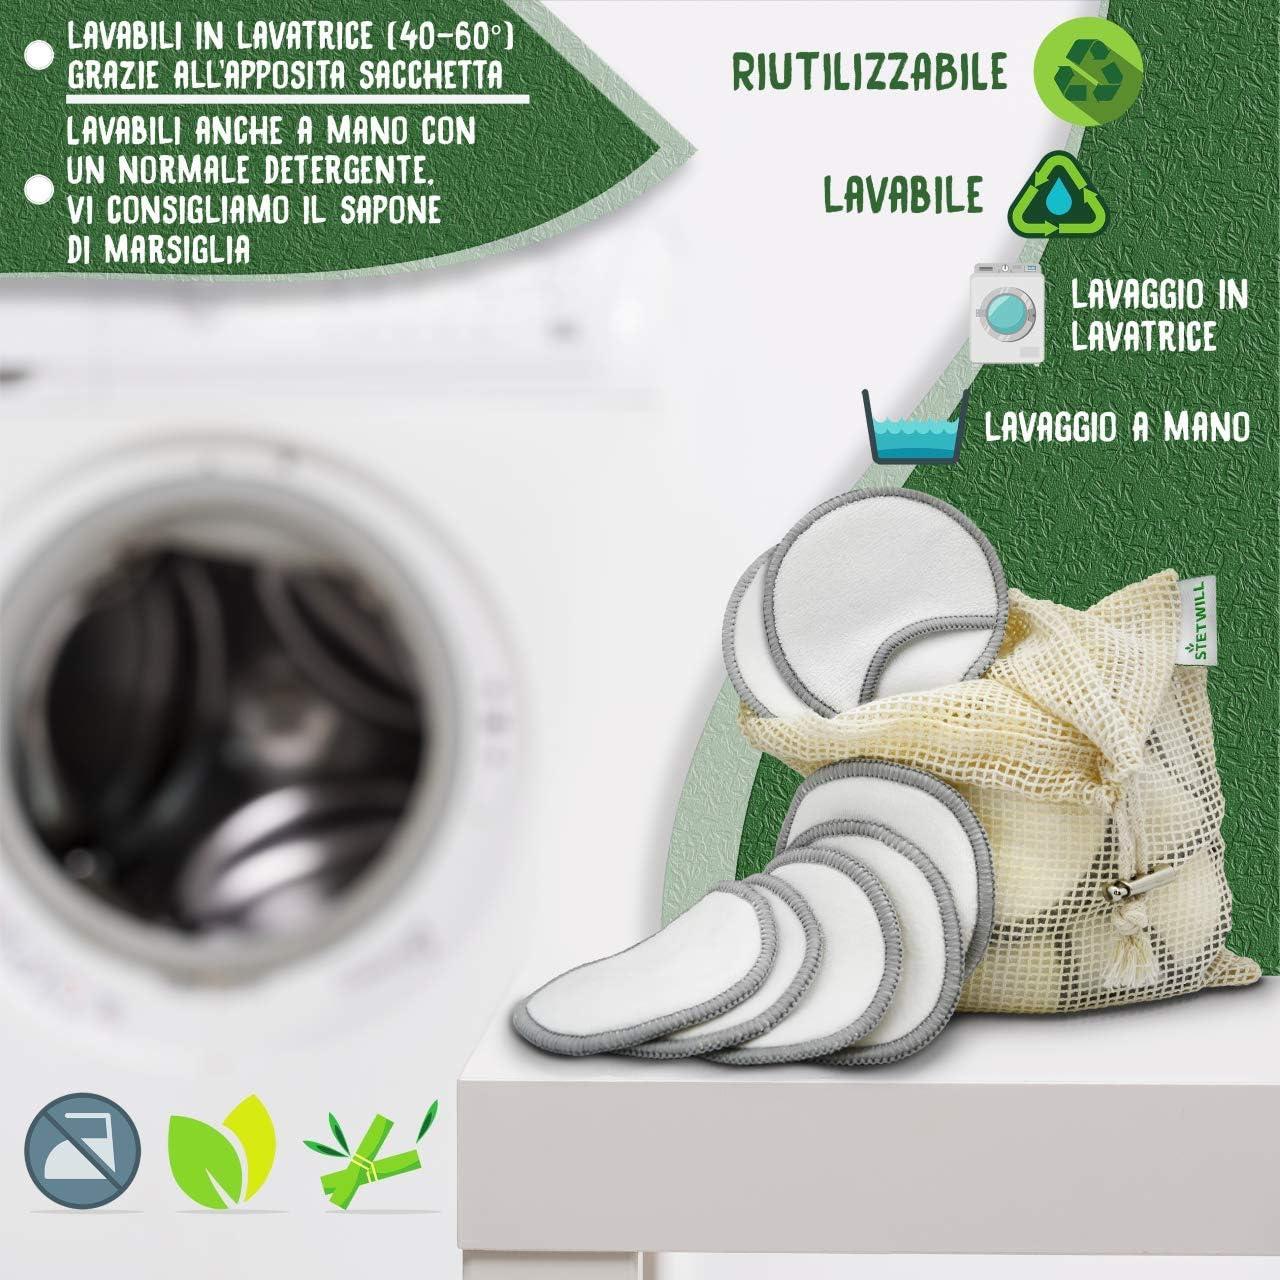 Disques d/émaquillants lavables en bambou Nettoyage gommage visage Disques d/émaquillants r/éutilisables 16 Maxi Lingettes d/émaquillantes Biod/égradables Ecologiques Bamboo Reusable Cotton Pads